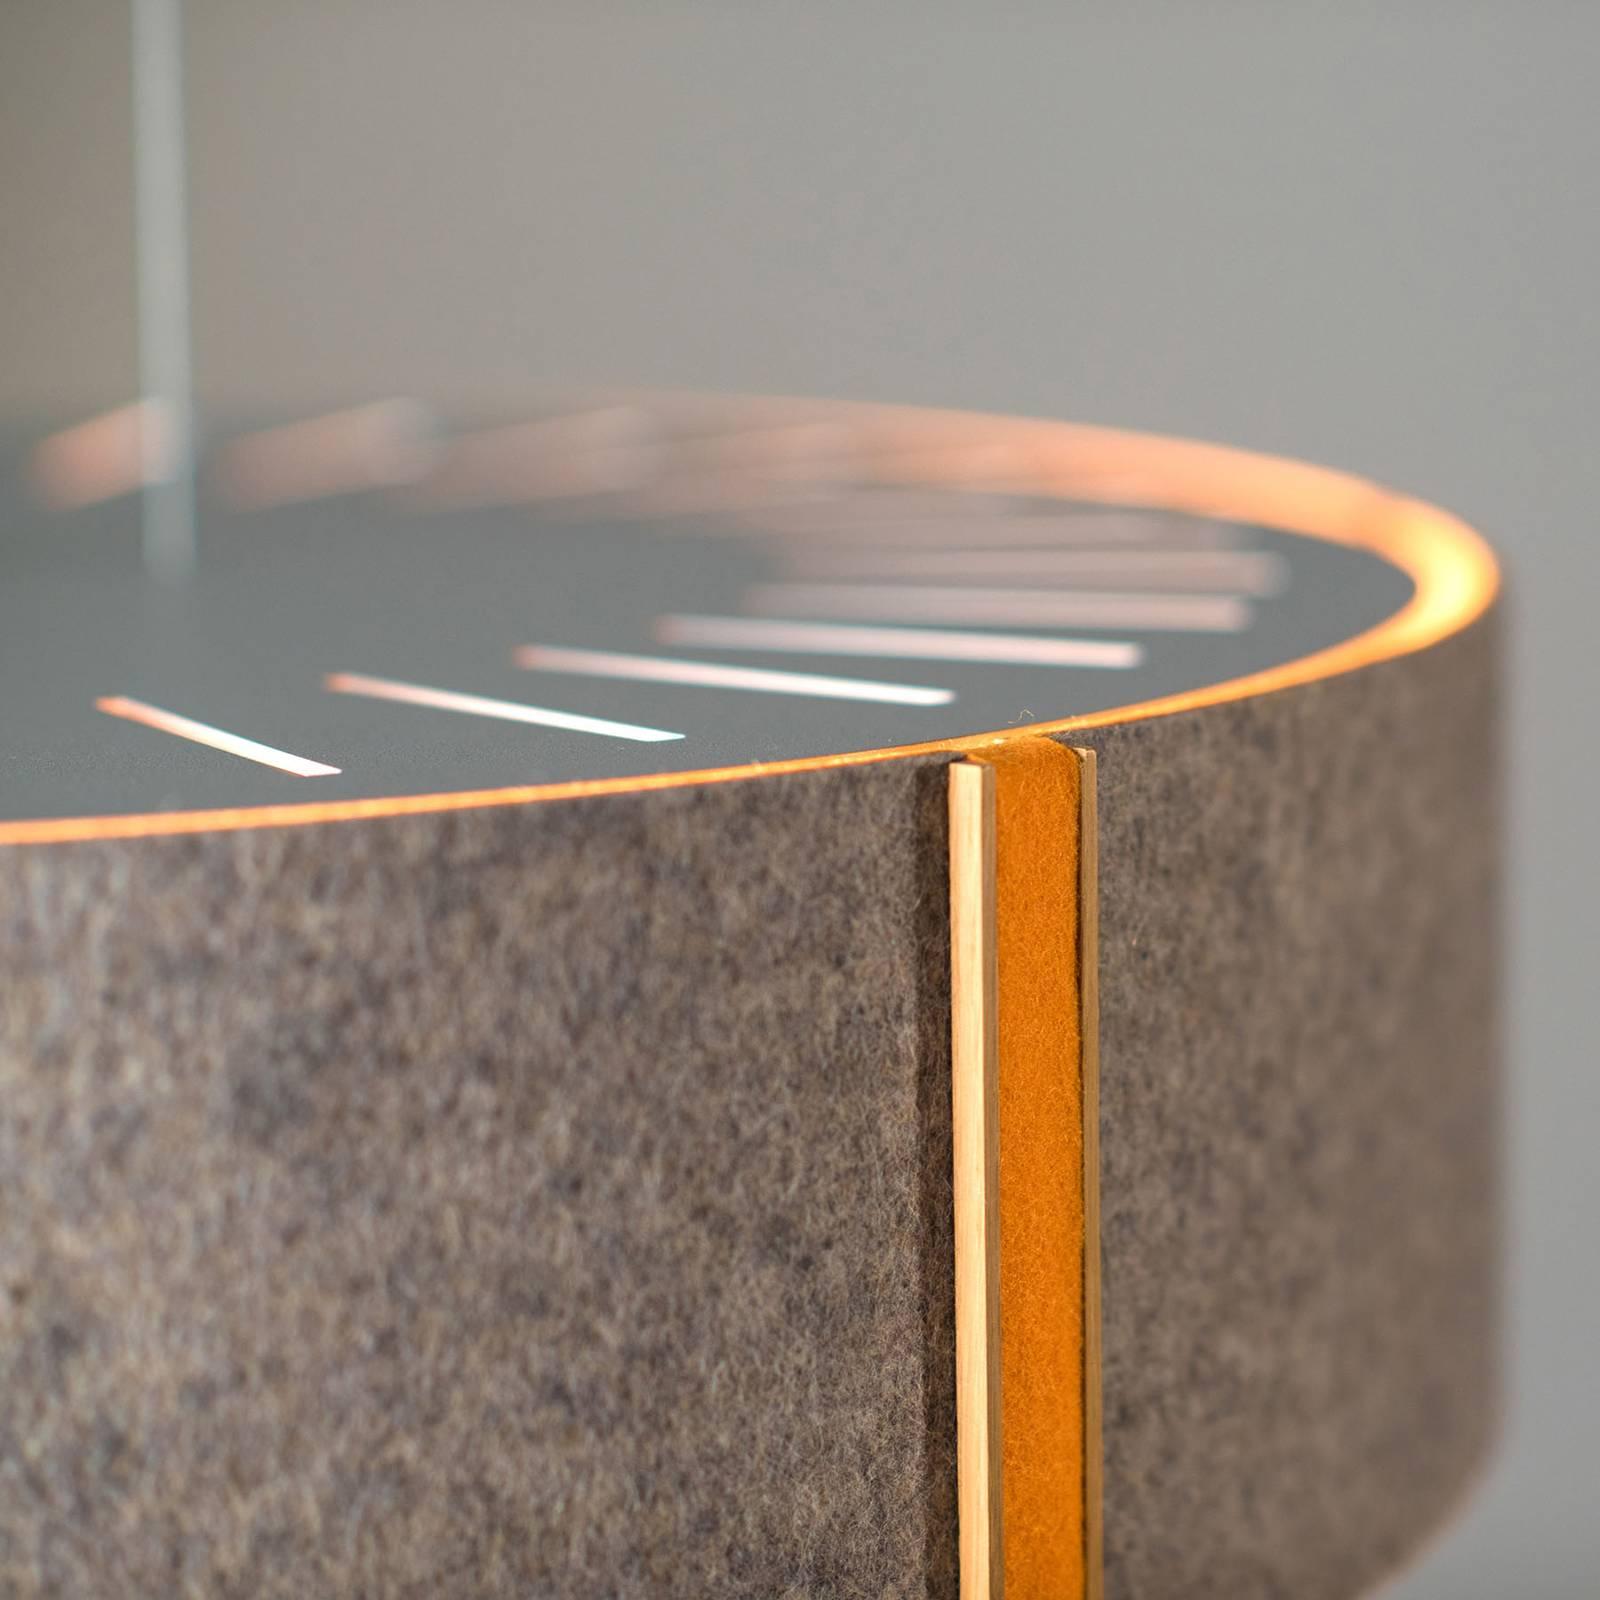 Suspension LED LARAfelt M, Ø43cm, grise/orange